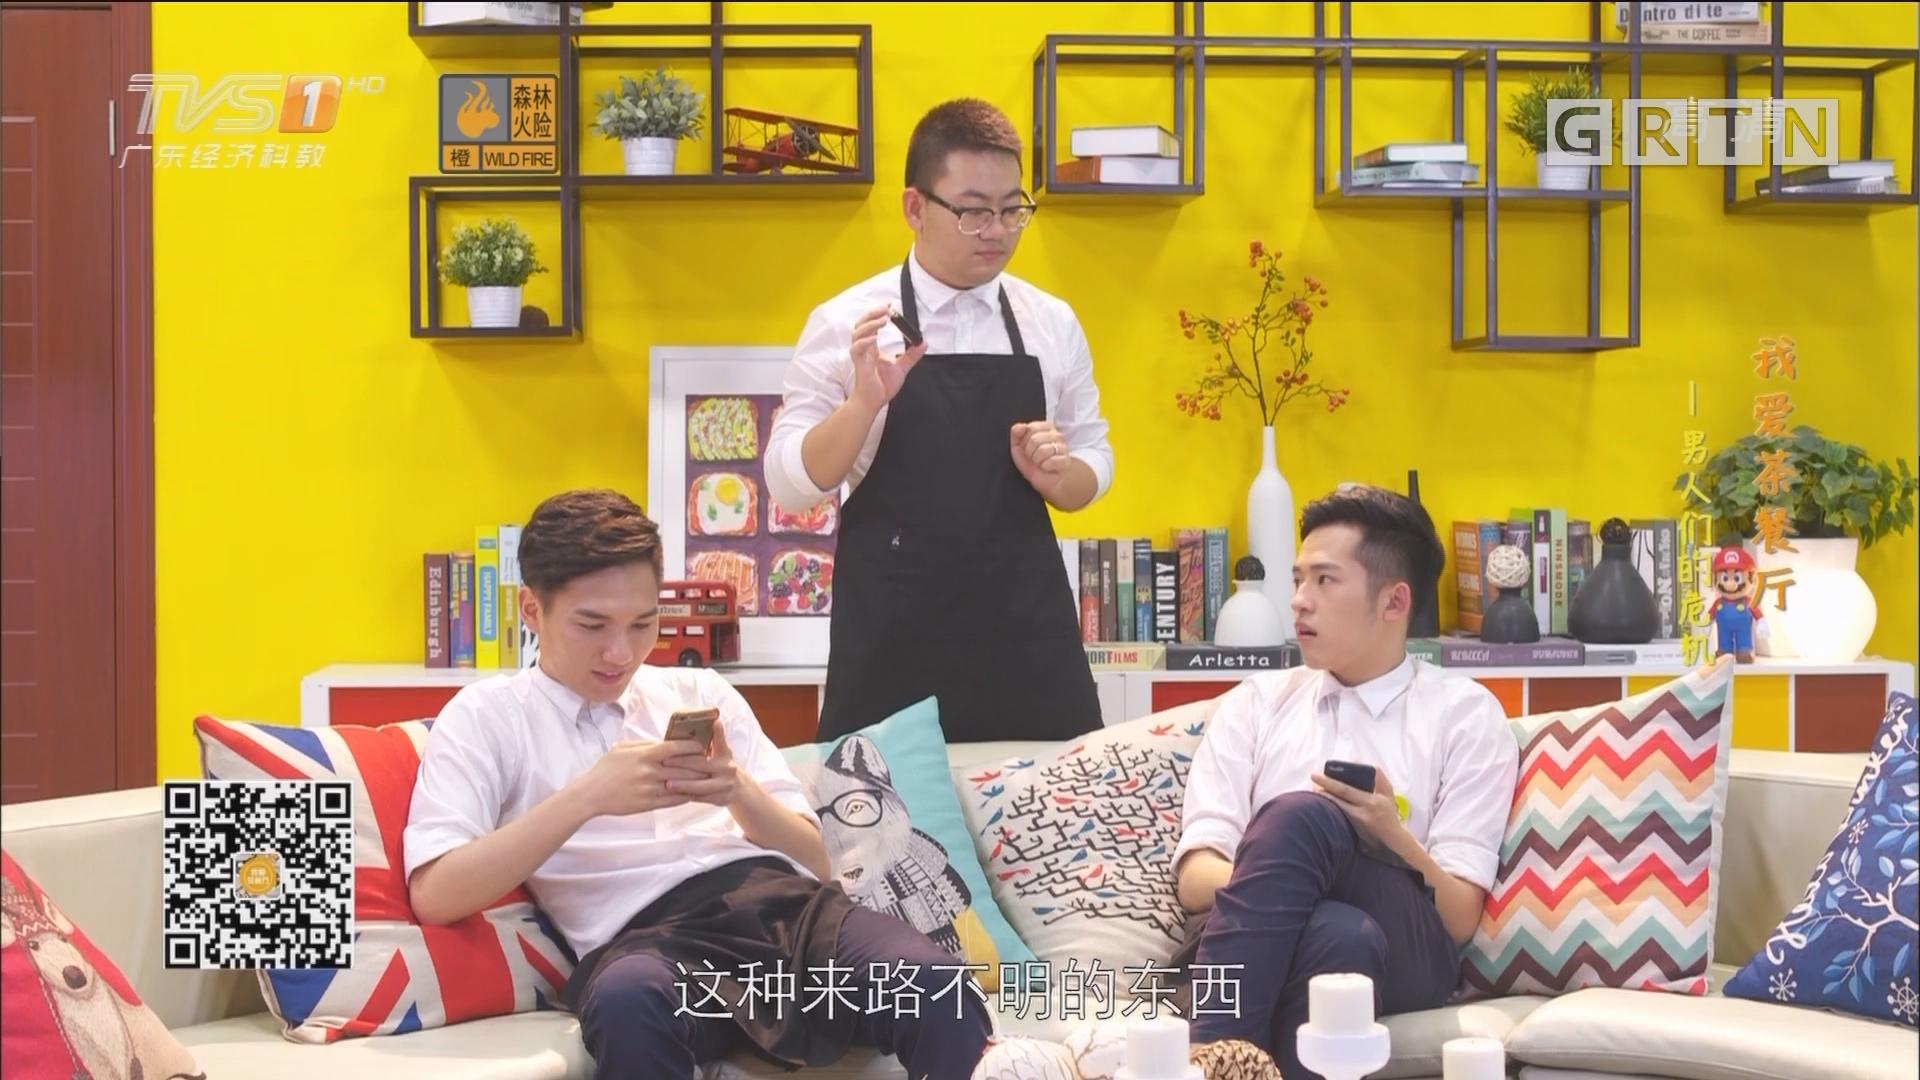 [HD][2017-12-24]我爱茶餐厅:男人们的危机